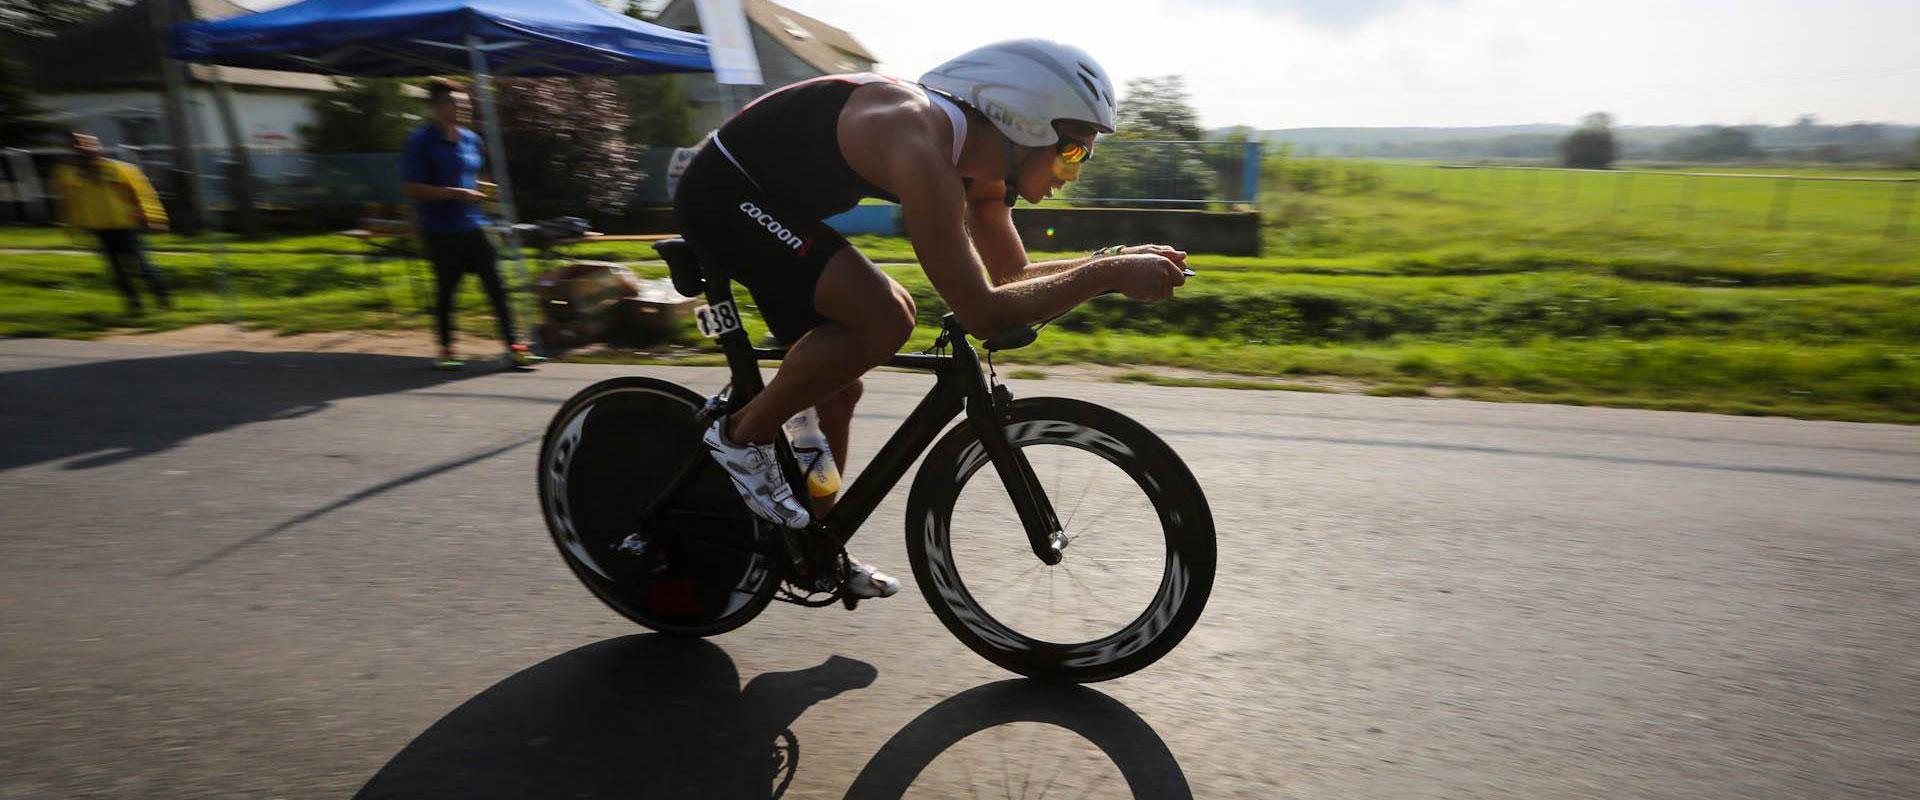 Sieg mit Streckenrekord @ Balatonman 2014